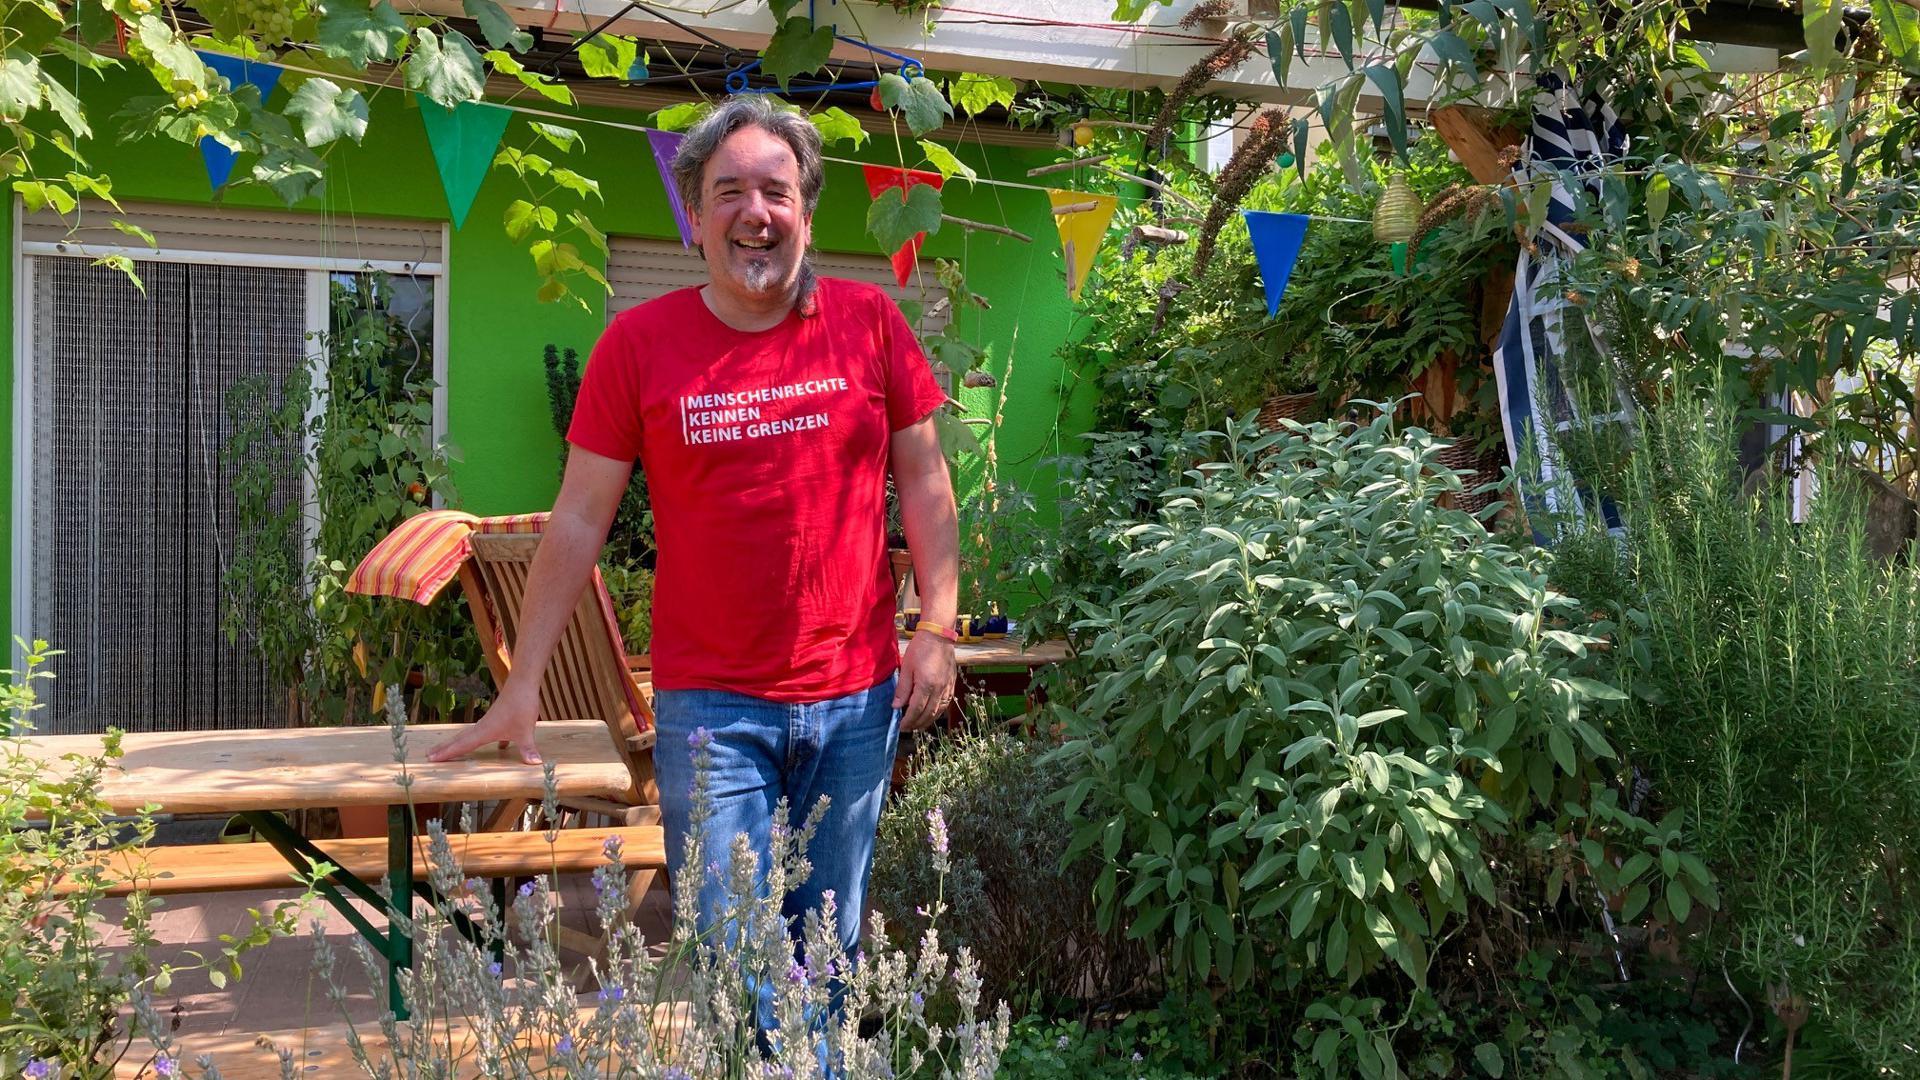 Mann im Garten vor grünem Haus